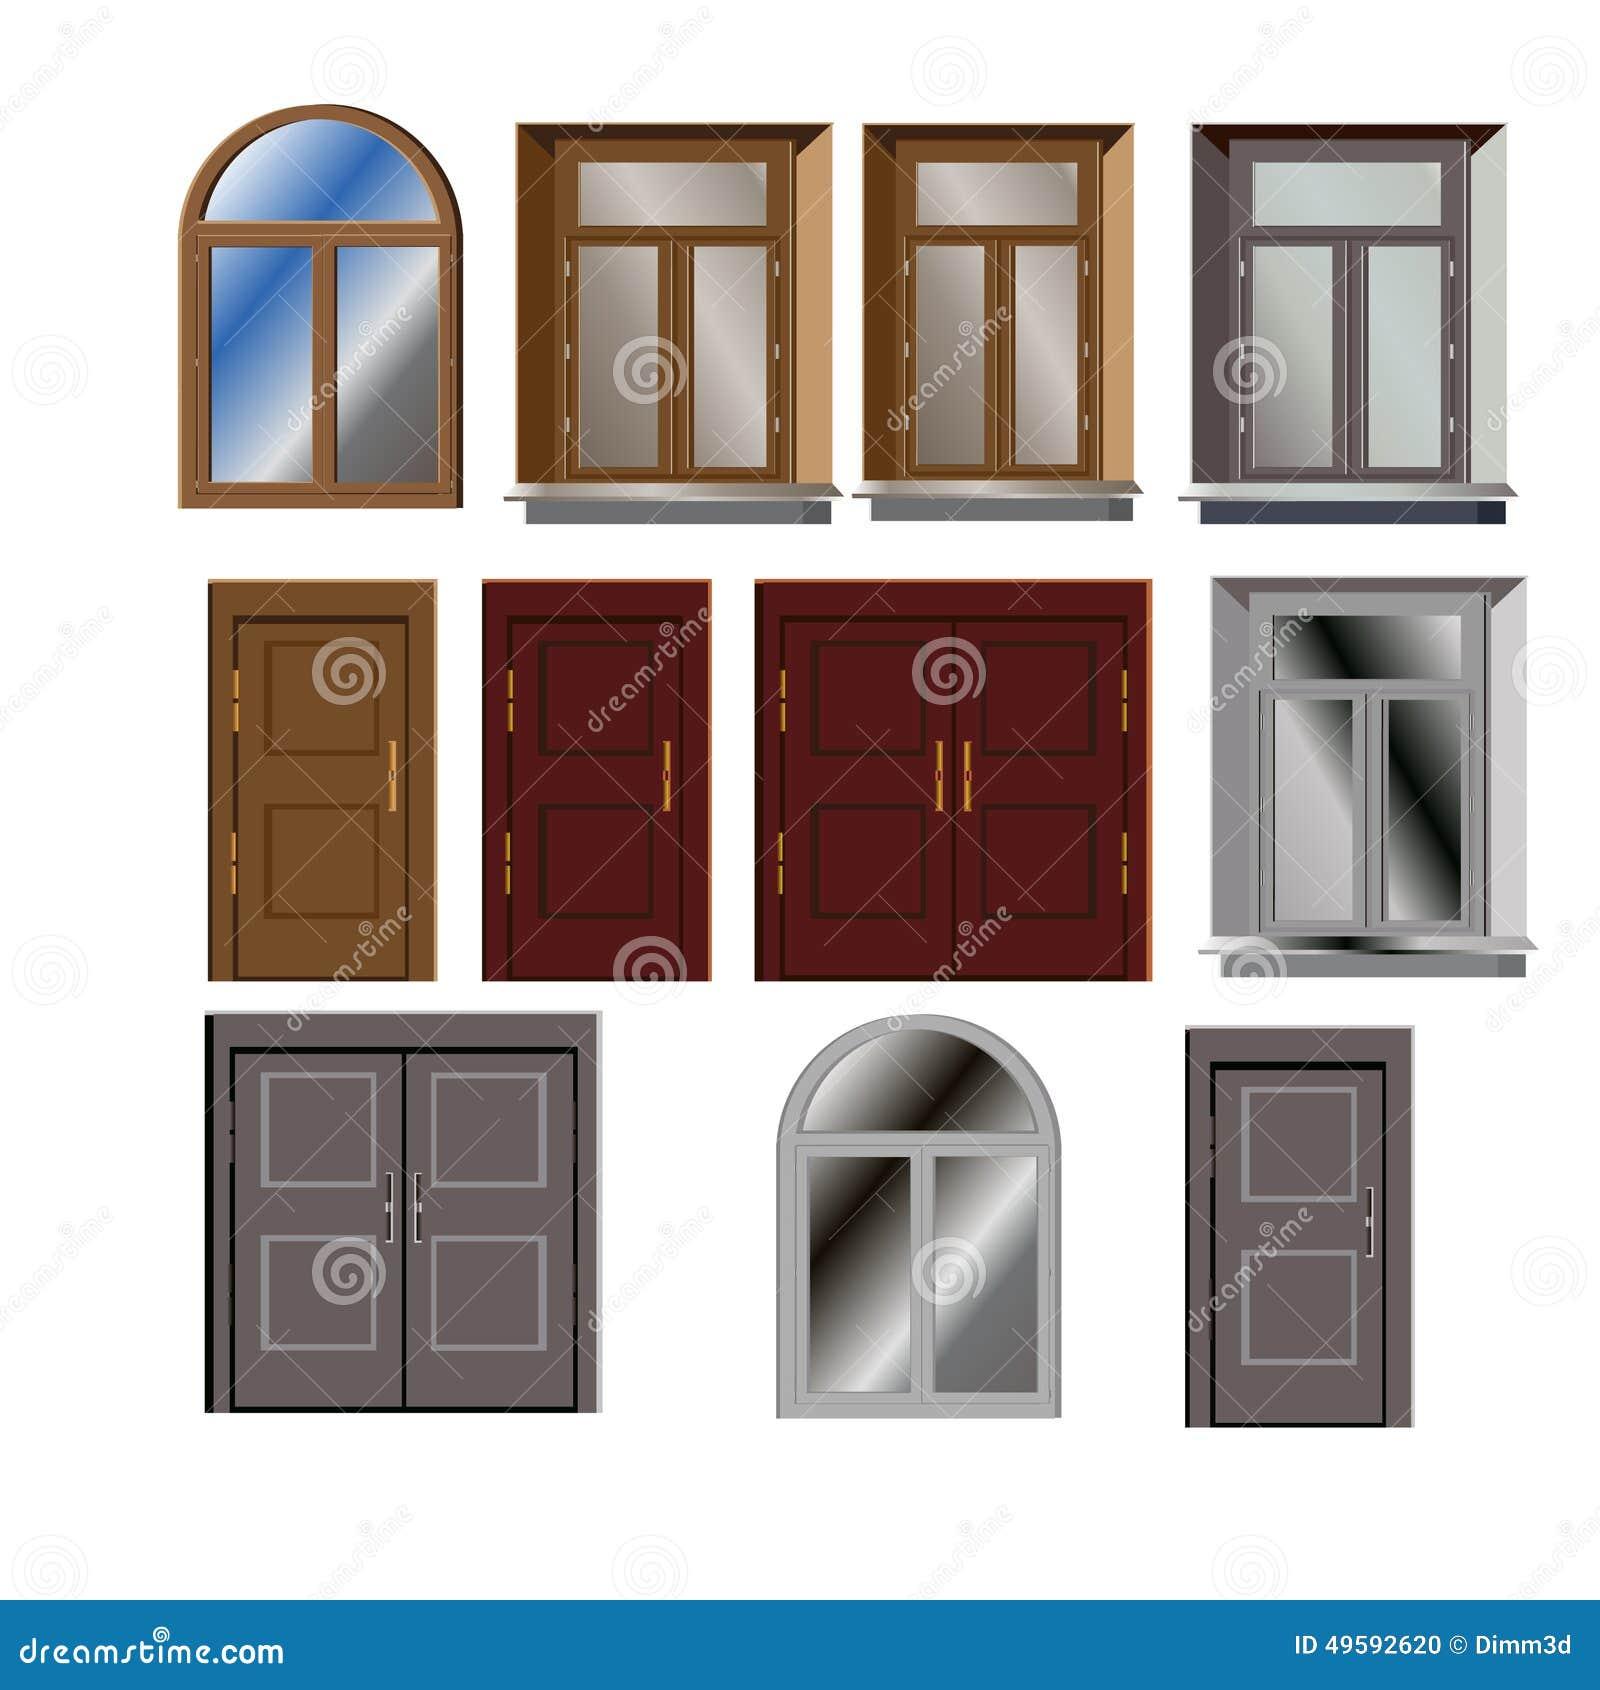 Door And Window Vector Set For Building Exterior